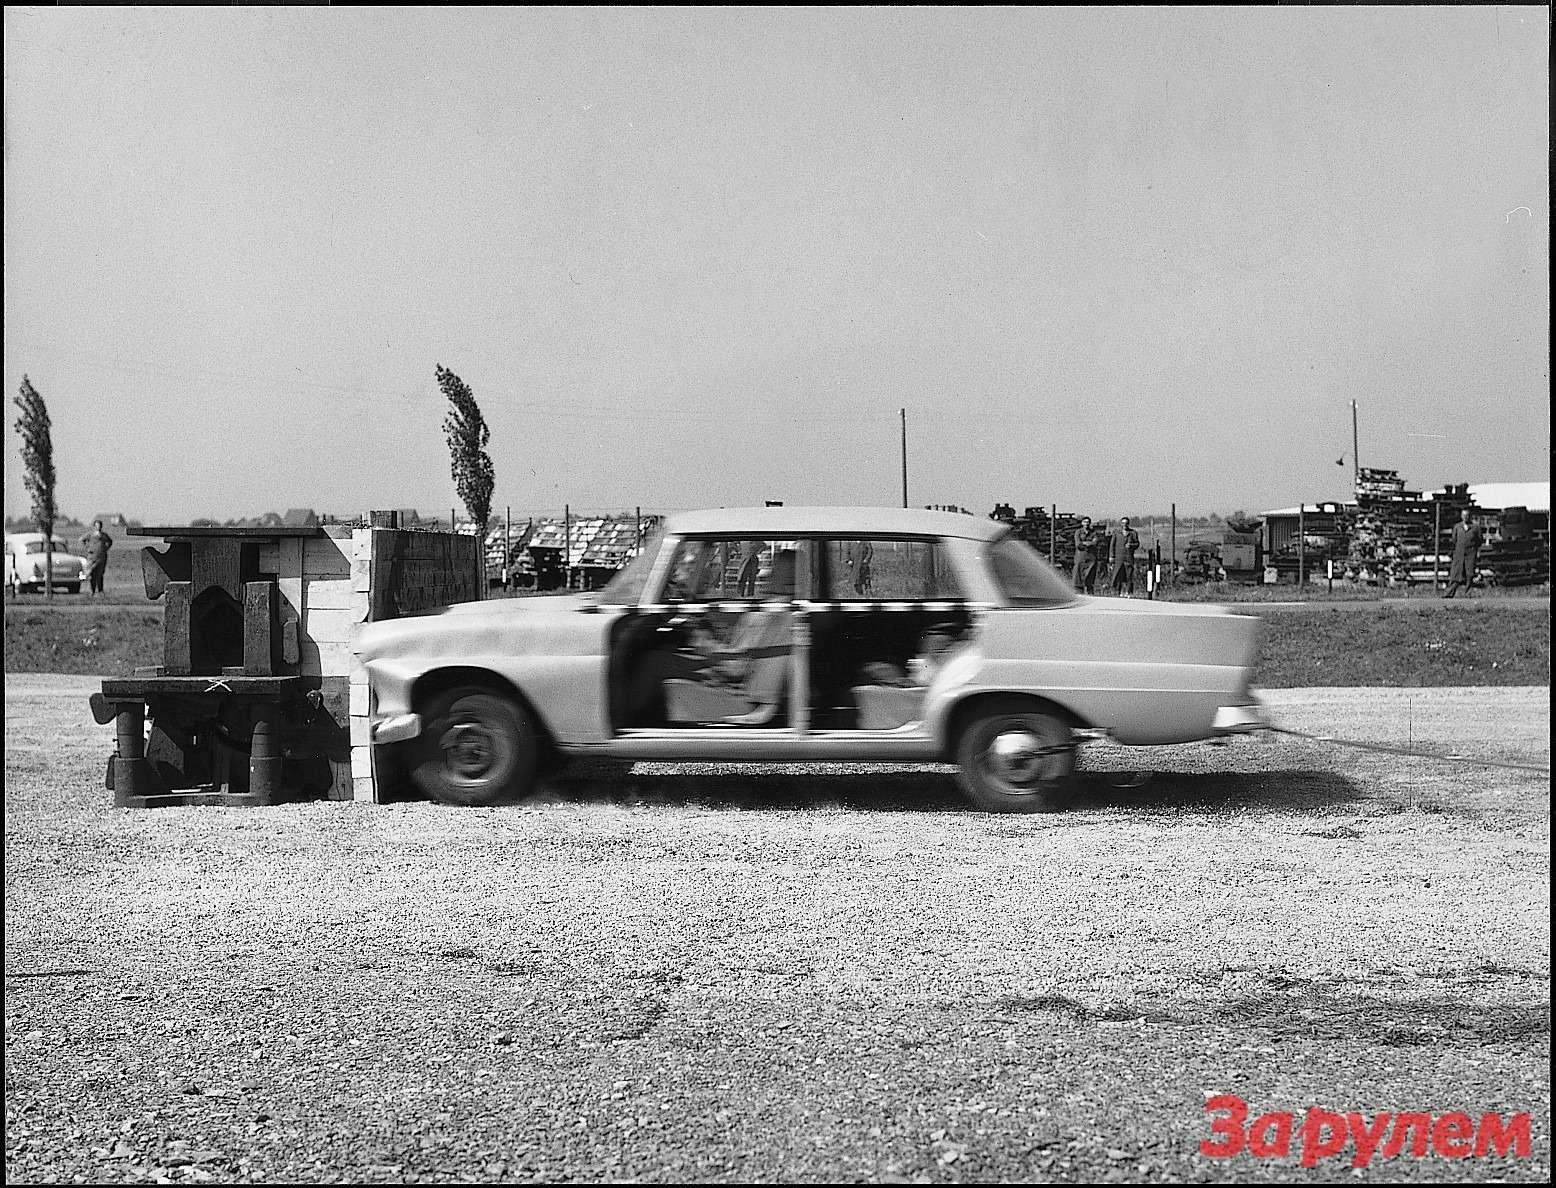 Лаборатория пассивной безопасности. Подобные кадры имитации столкновений стали главным аттракционом напрошедшей в1973 году вСокольниках выставке концерна Daimler-Benz AG